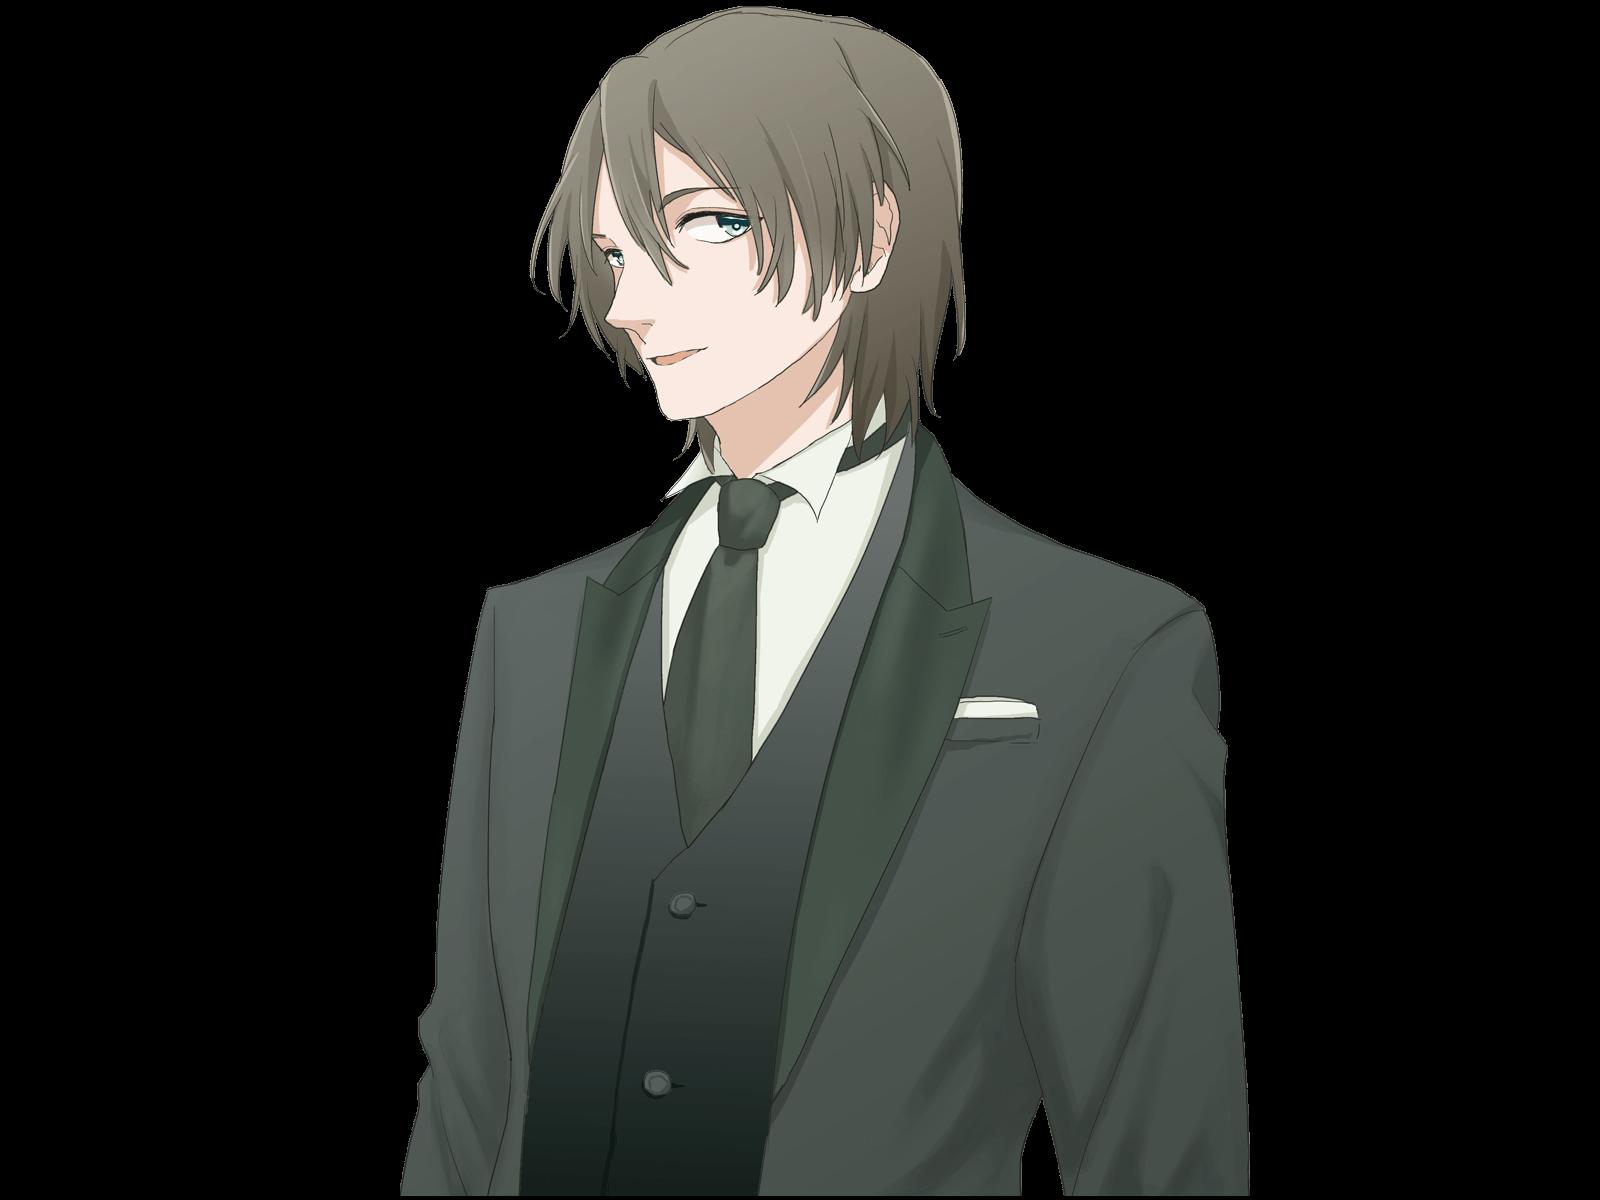 執事西園寺の名推理2(ドラマ)主題歌を歌うのは?あらすじやキャスト出演者は誰?